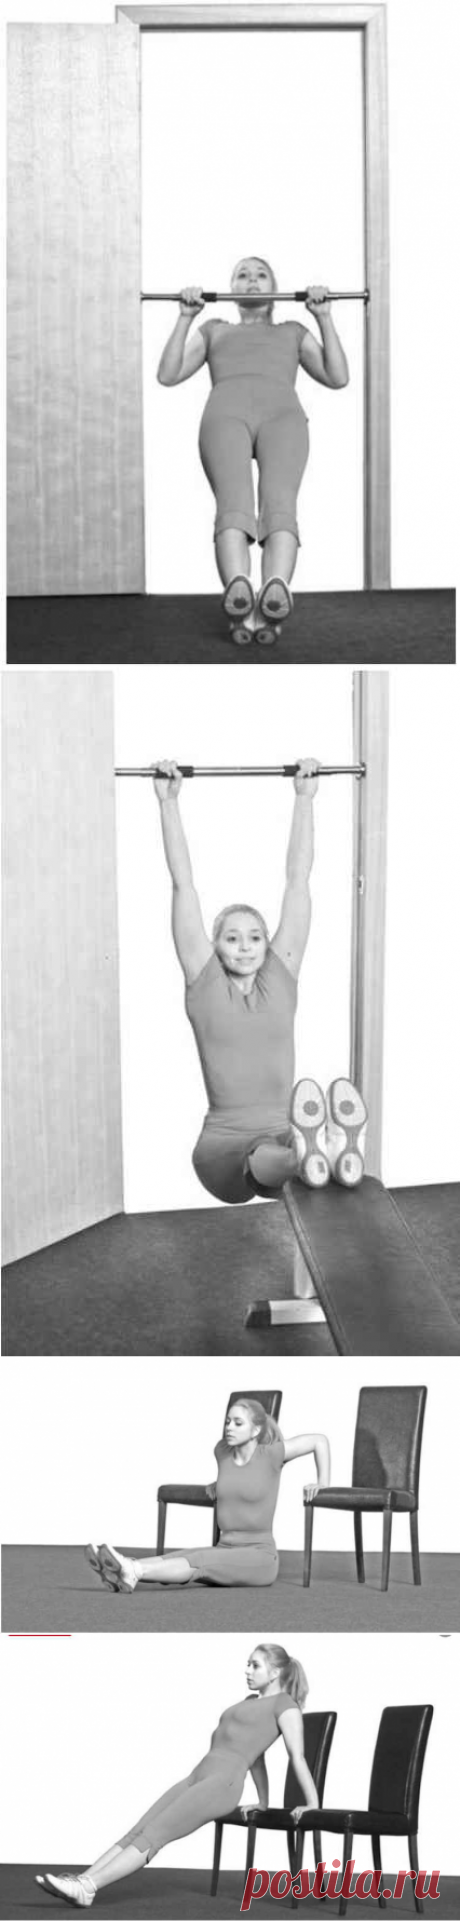 Эти 8 домашних упражнений гарантировано избавят от шейного остеохондроза с протрузиями. Методика С. Бубновского - Образованная Сова